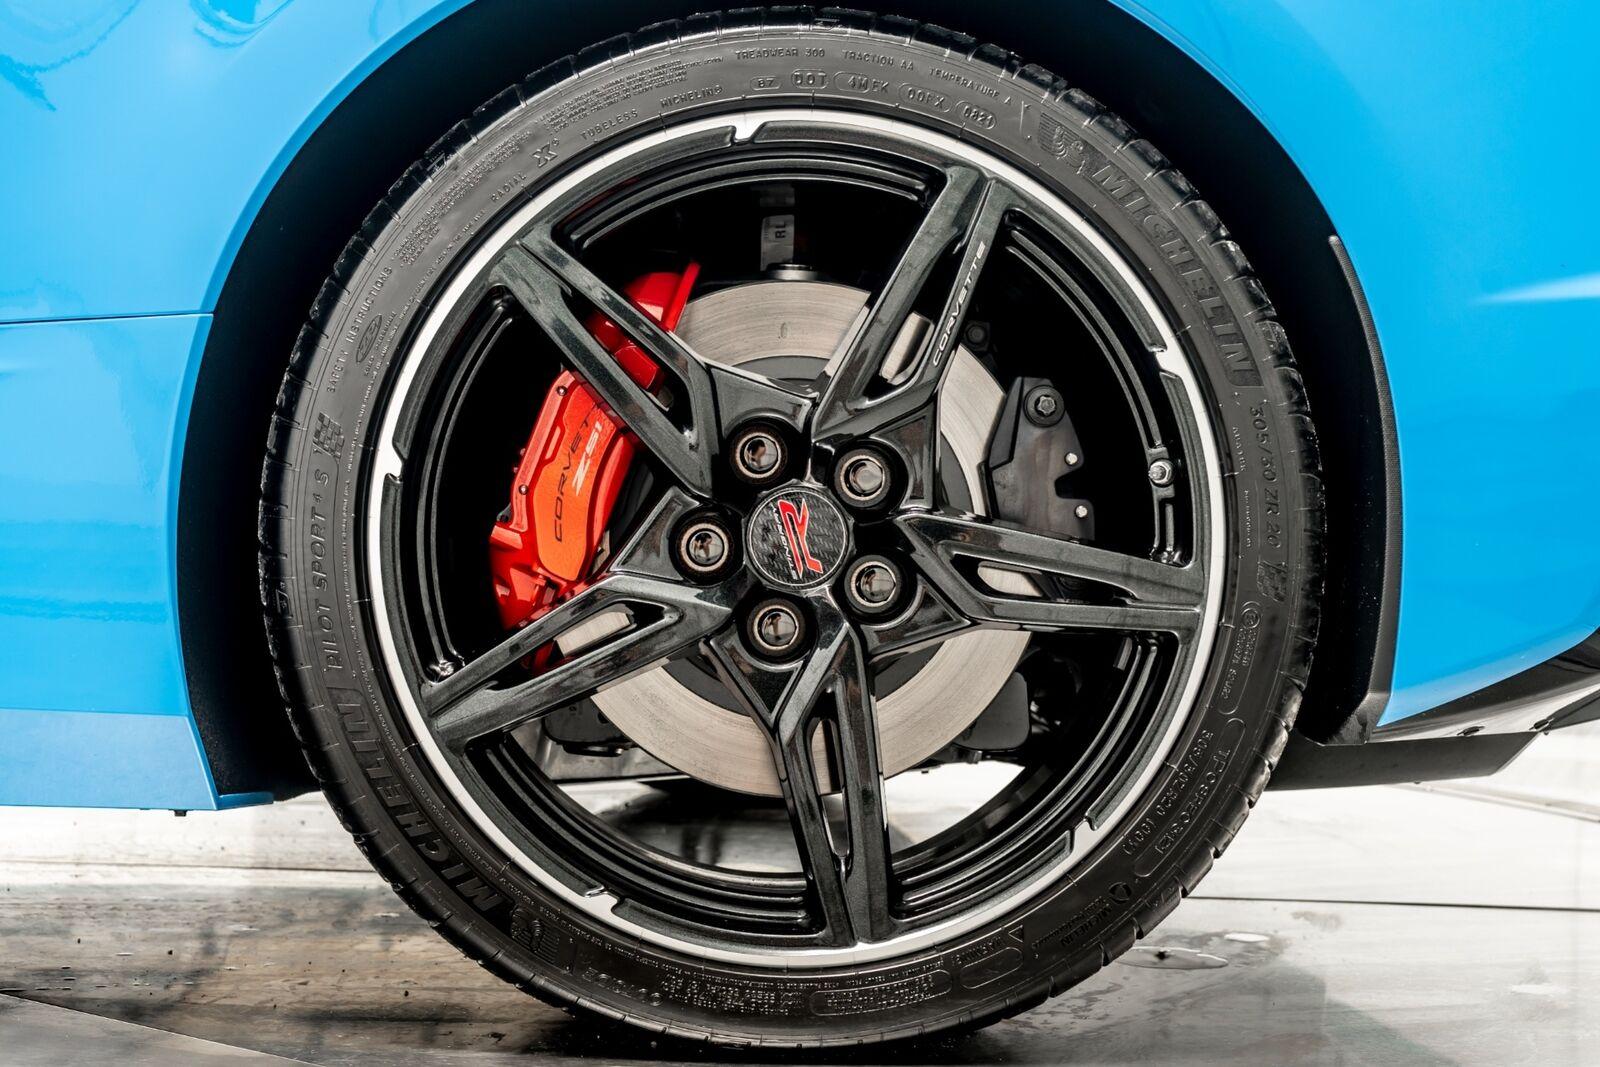 2021 Blue Chevrolet Corvette  3LT   C7 Corvette Photo 10